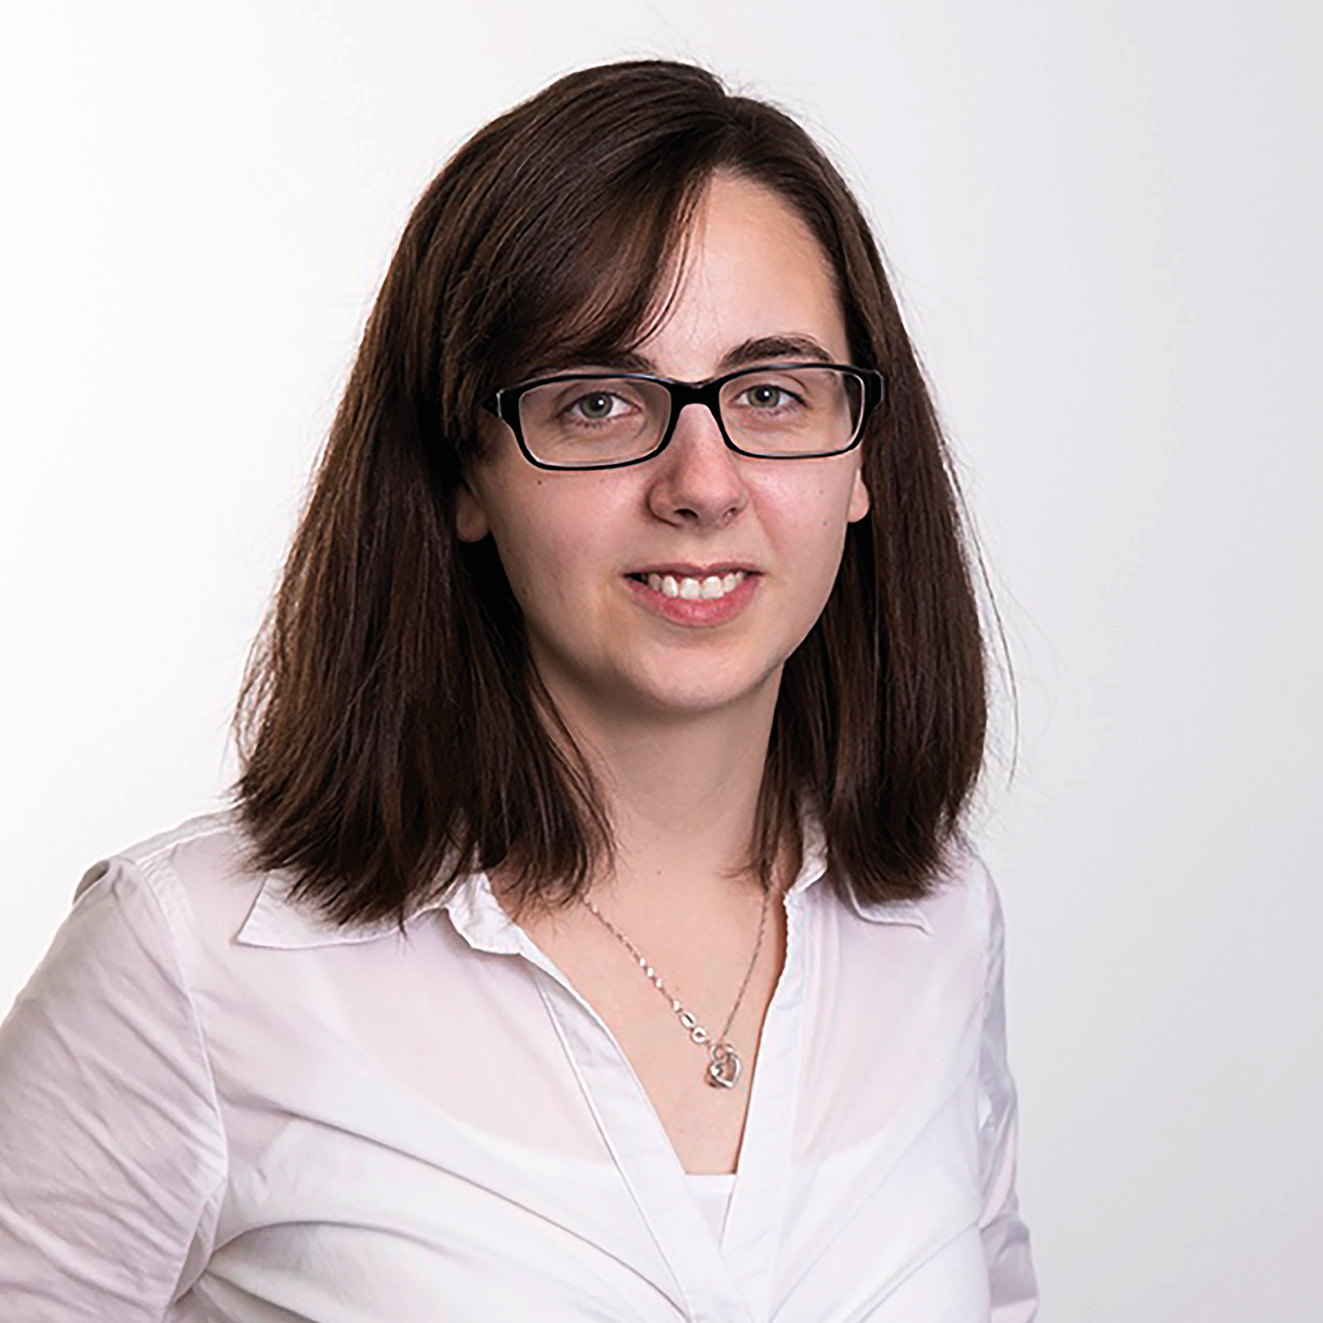 Tamara Steinbrecher